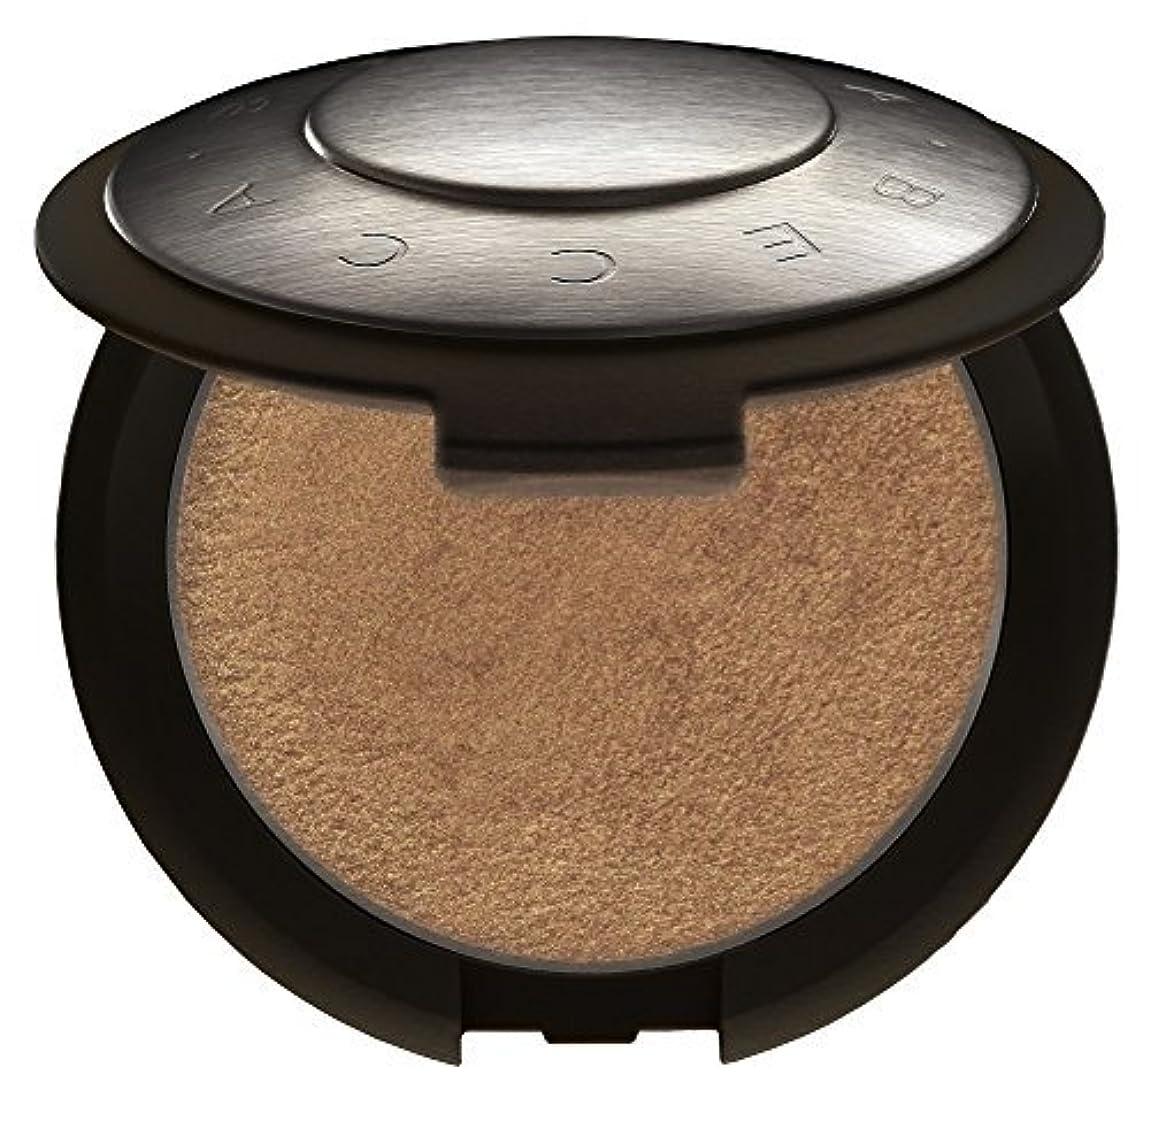 閃光サイクルスポンジ[Becca] Shimmering Skin Perfector Pressed Powder - # Topaz 8g/0.28oz